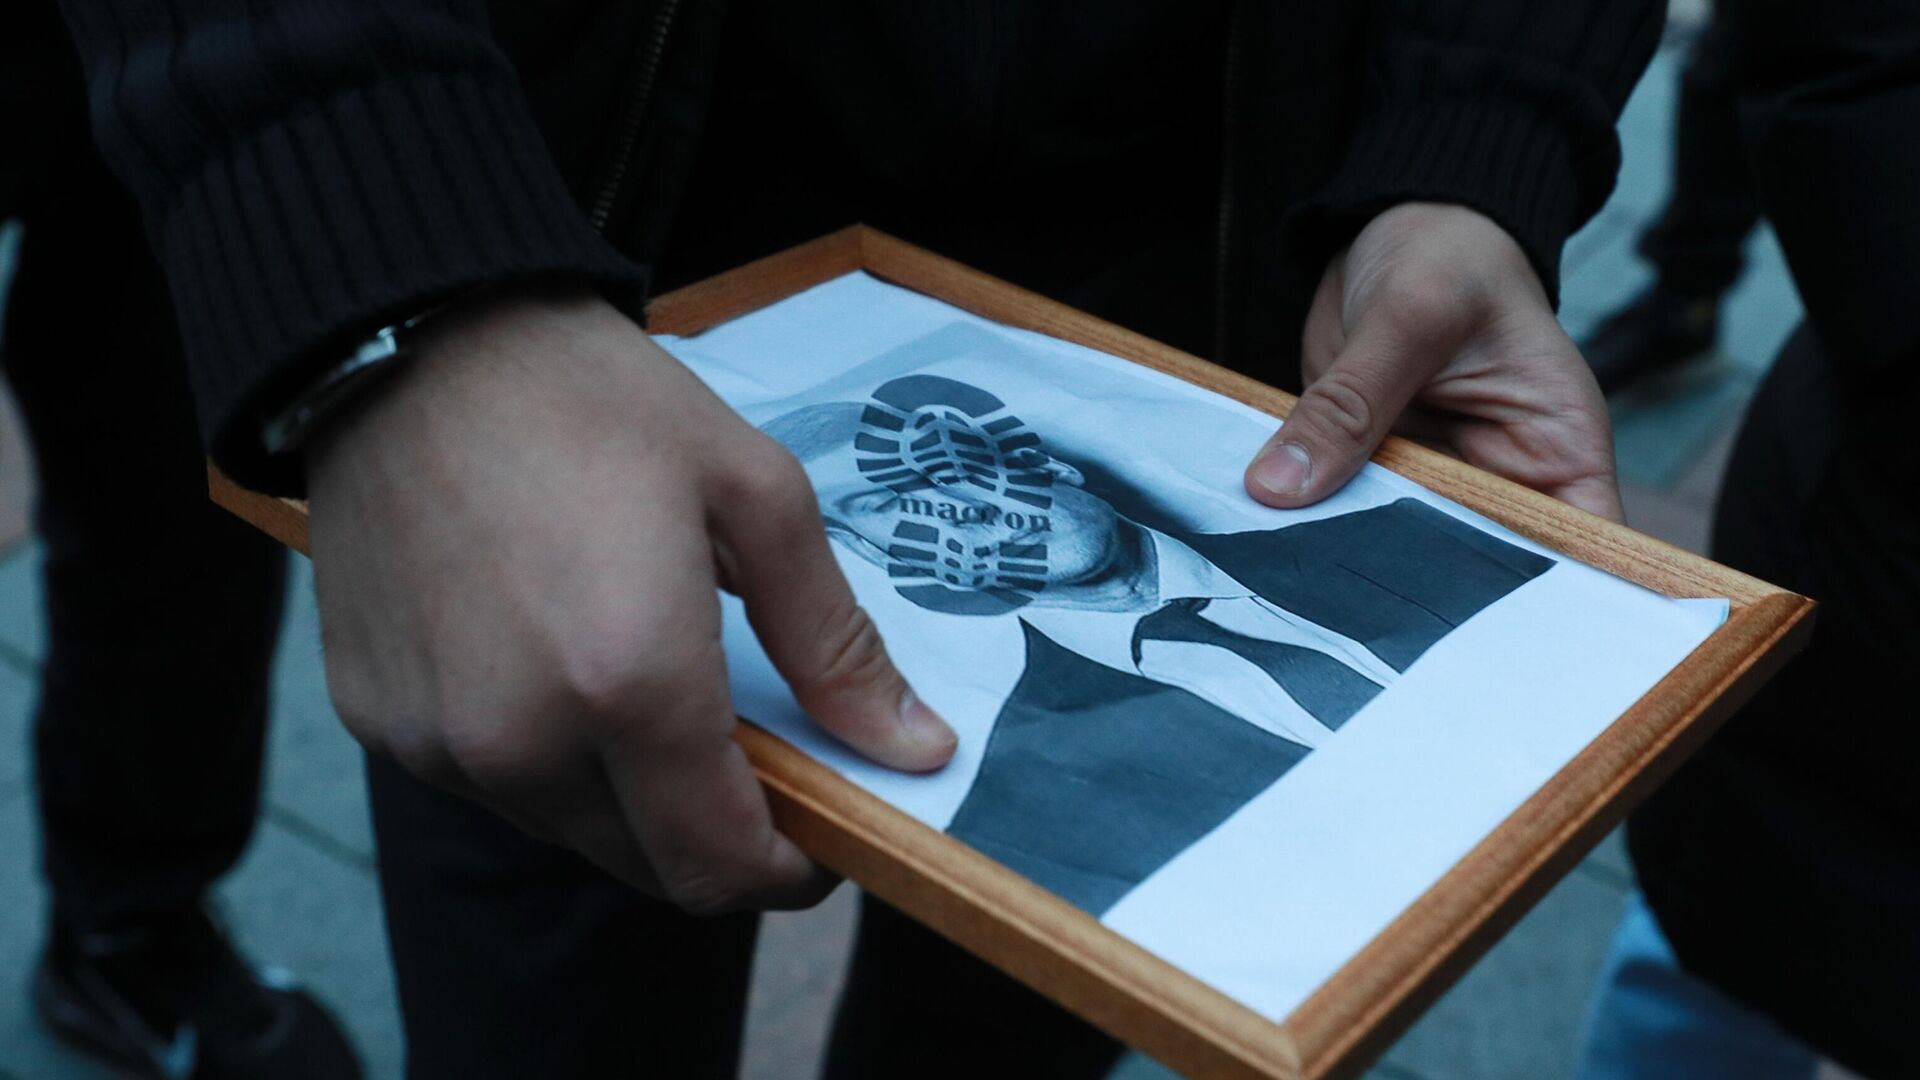 Участники акции протеста против политики президента Франции Эммануэля Макрона около посольства Франции в Москве - РИА Новости, 1920, 31.10.2020